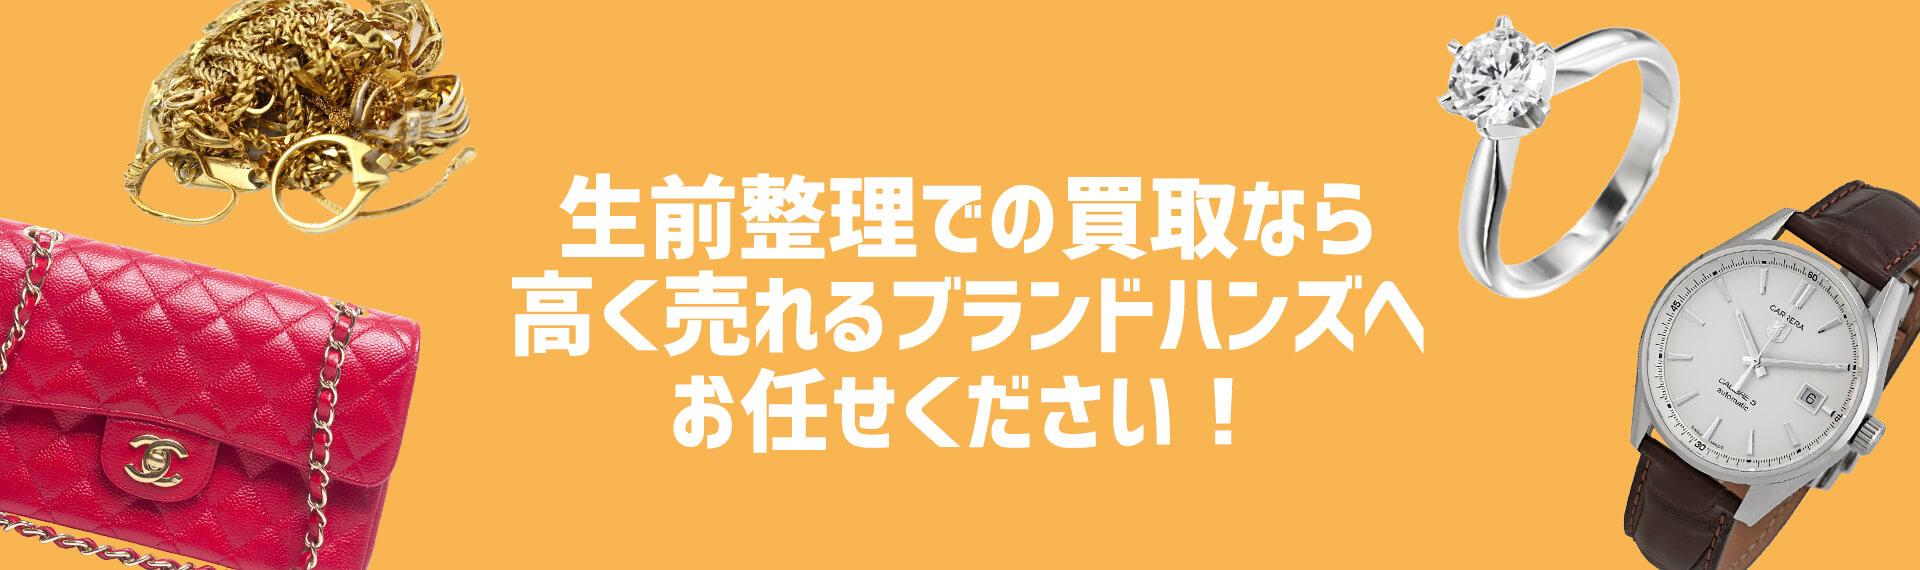 大阪での生前整理|生前買取なら高価買取のブランドハンズへ